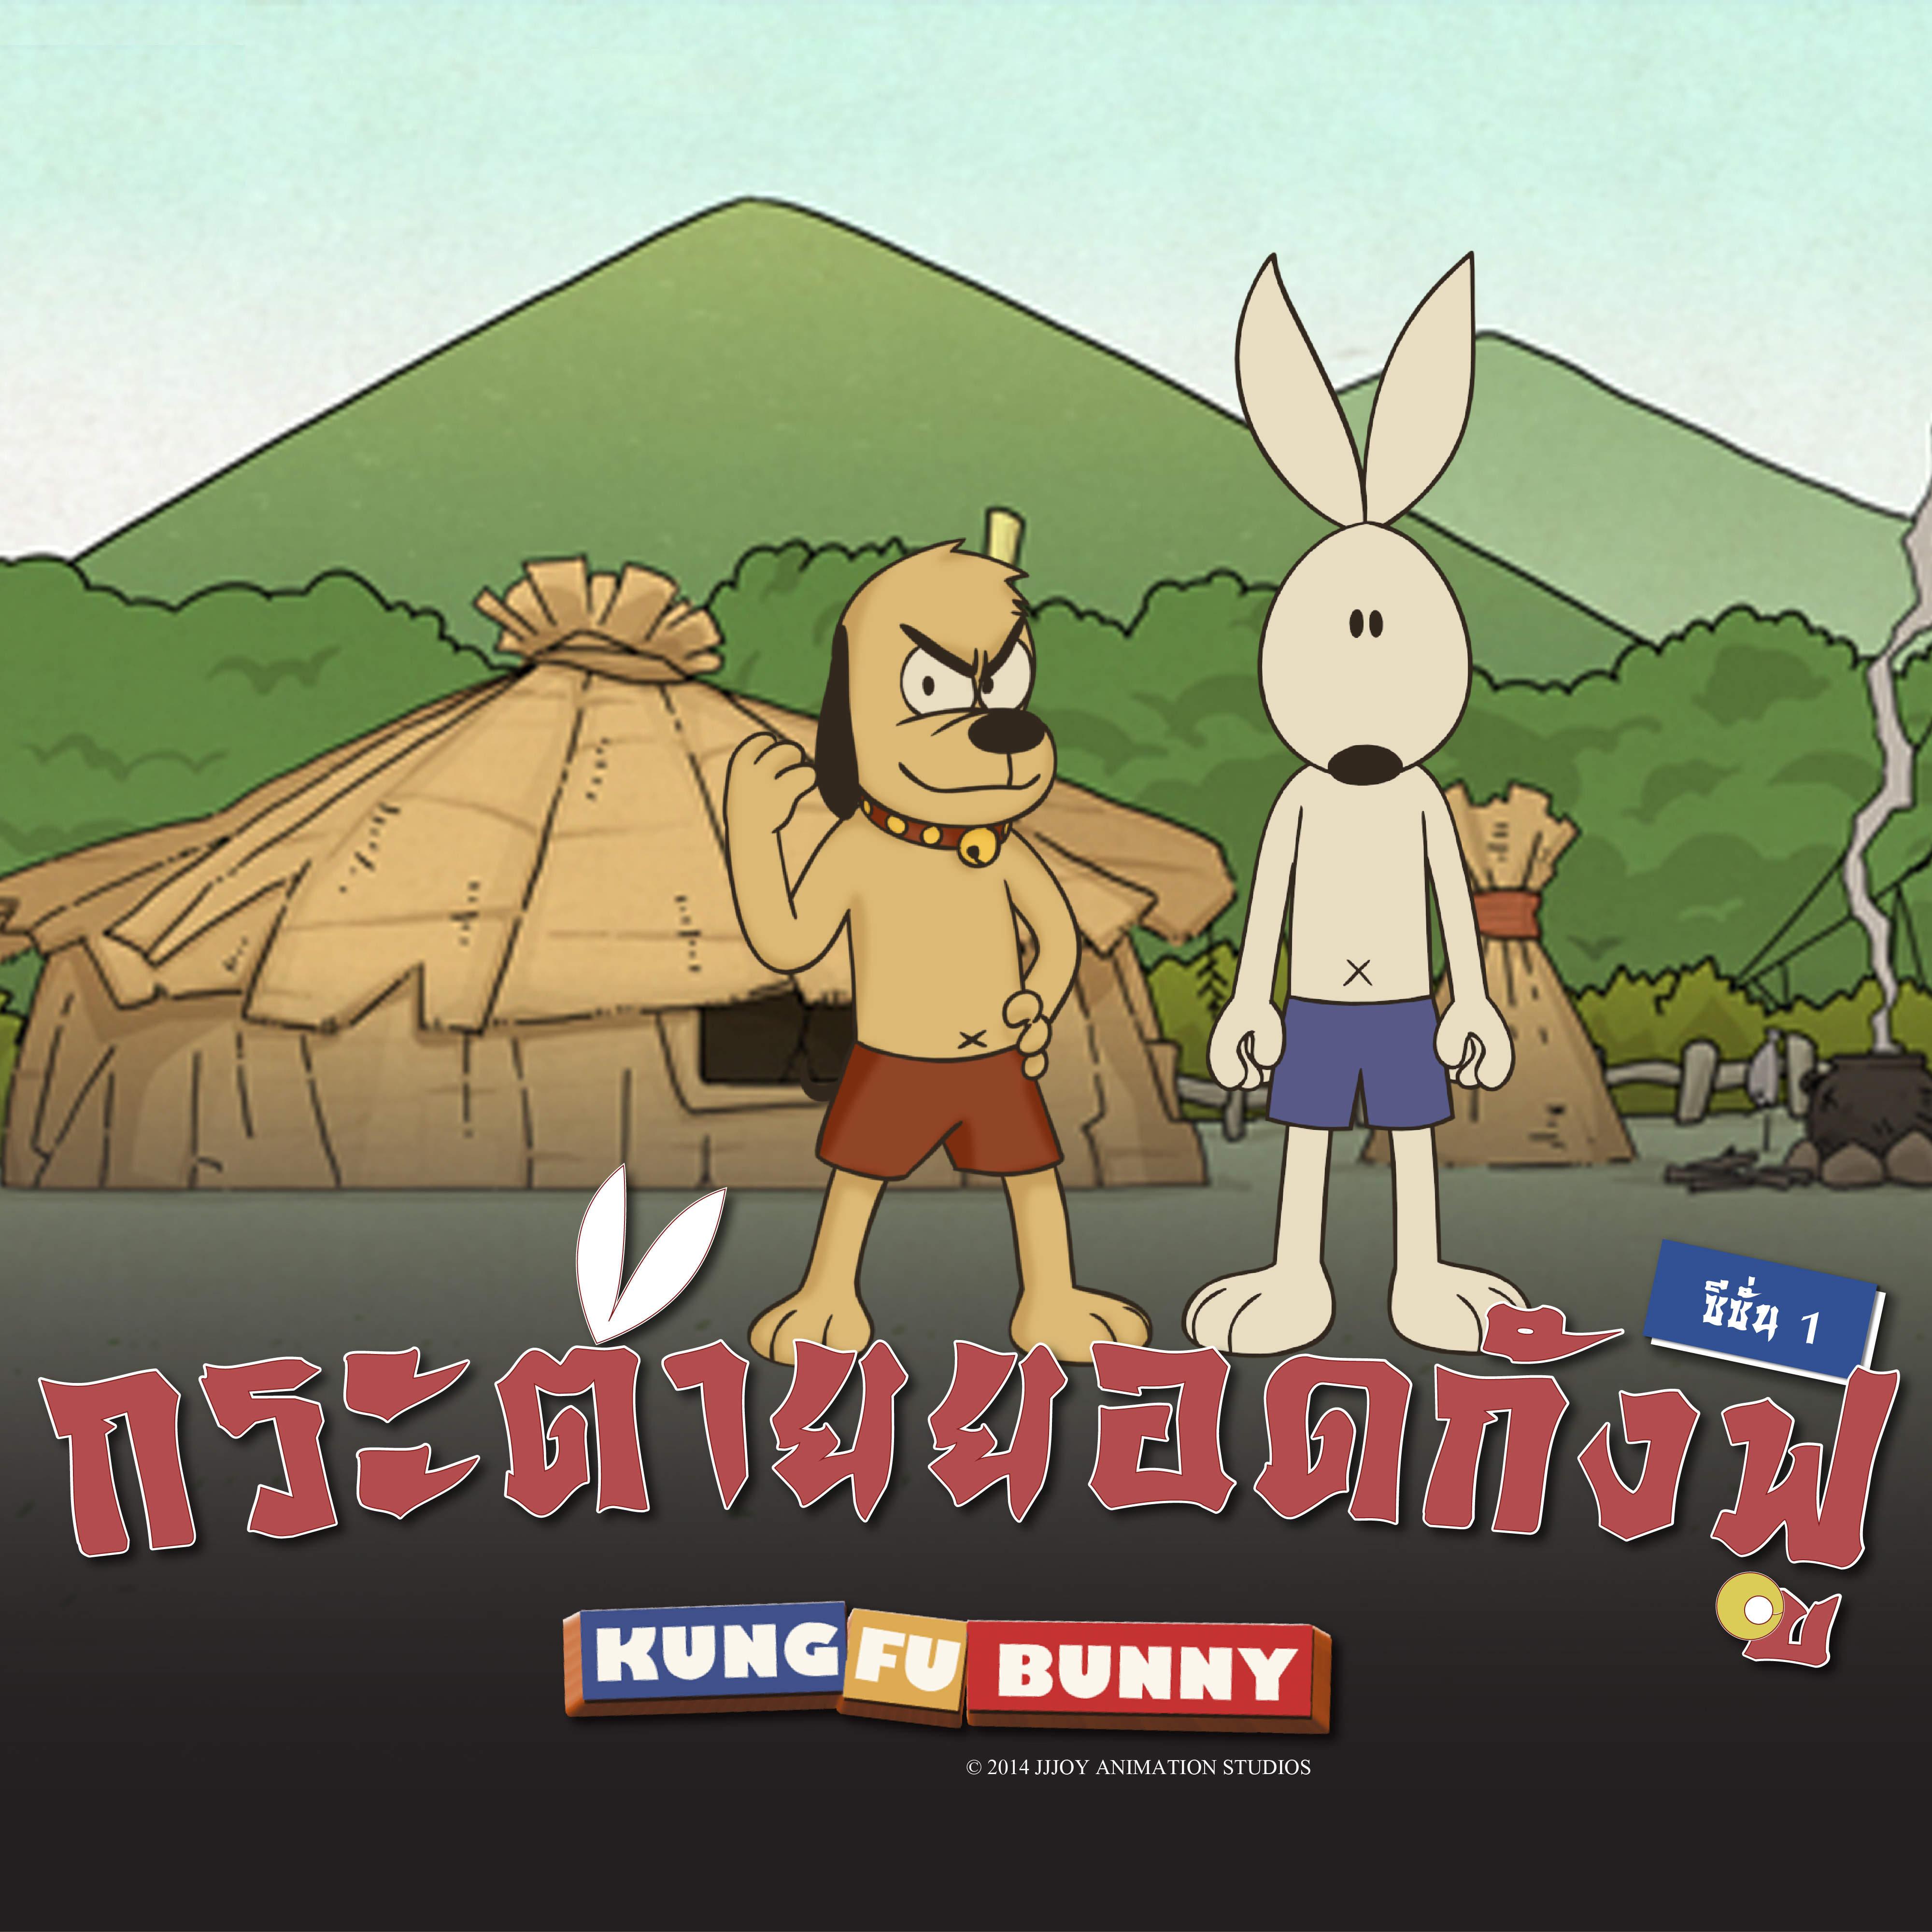 กระต่ายยอดกังฟู | Kung Fu Bunny